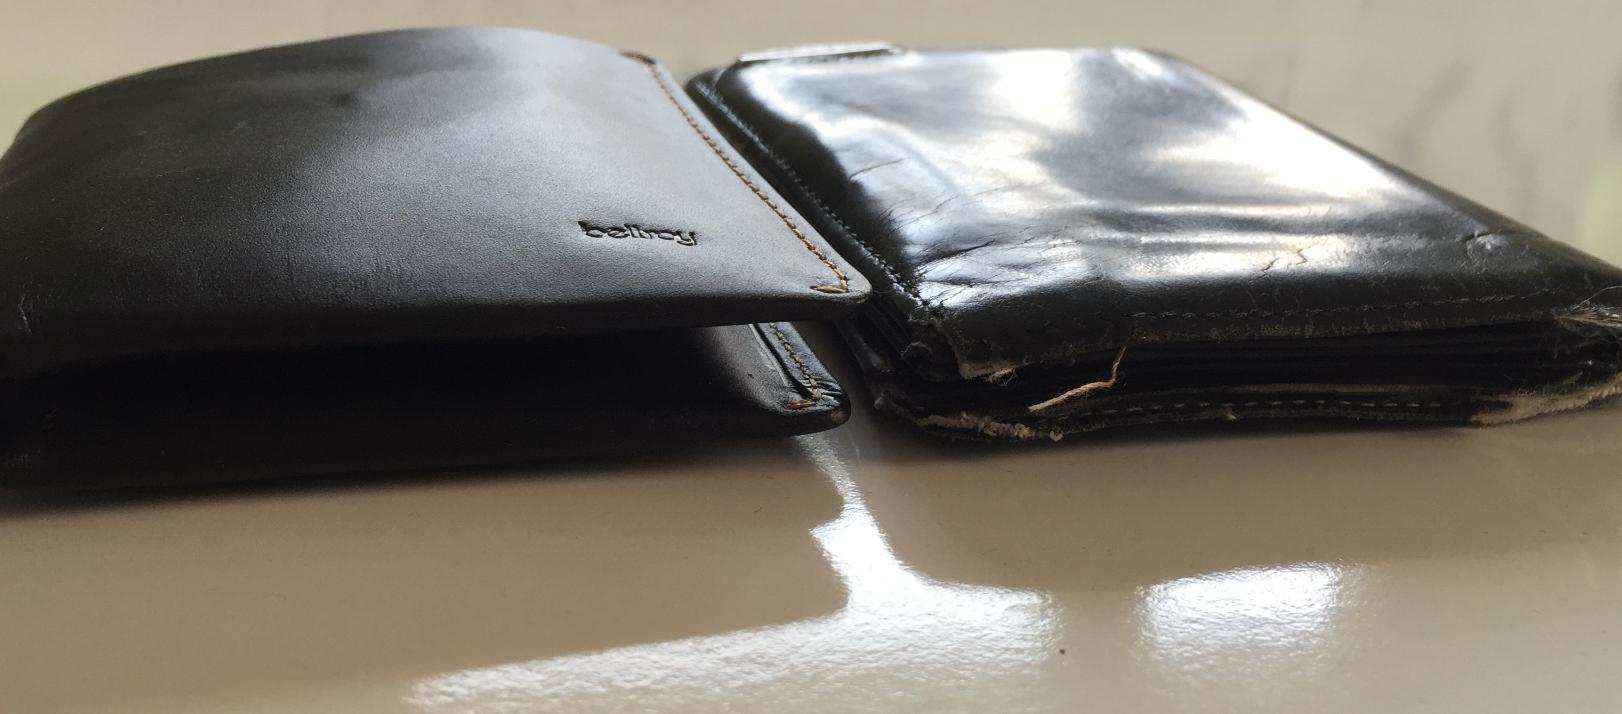 7586a492e55b Der Bellroy Note Sleeve - das schlanke Portemonnaie